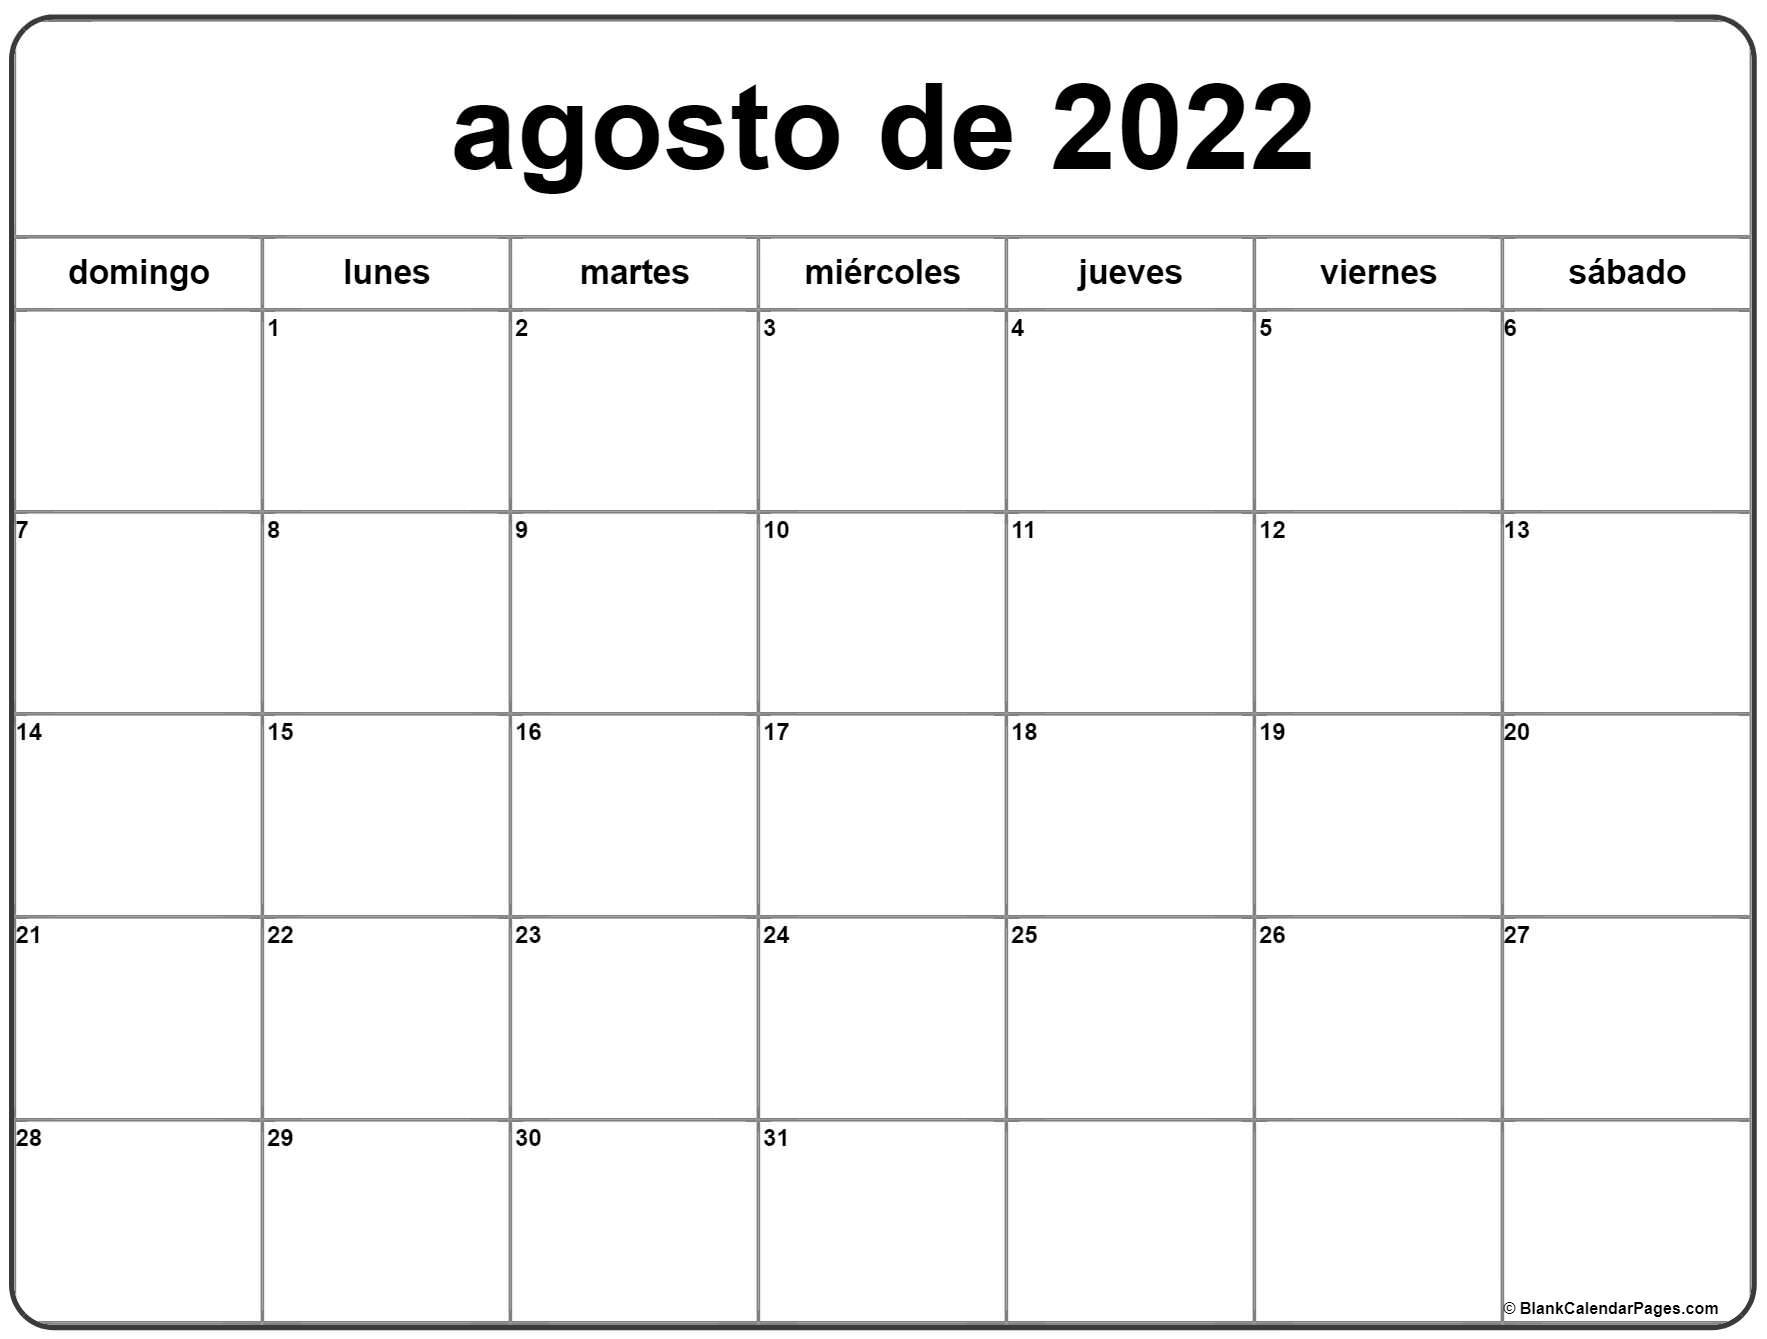 agosto de 2022 calendrario